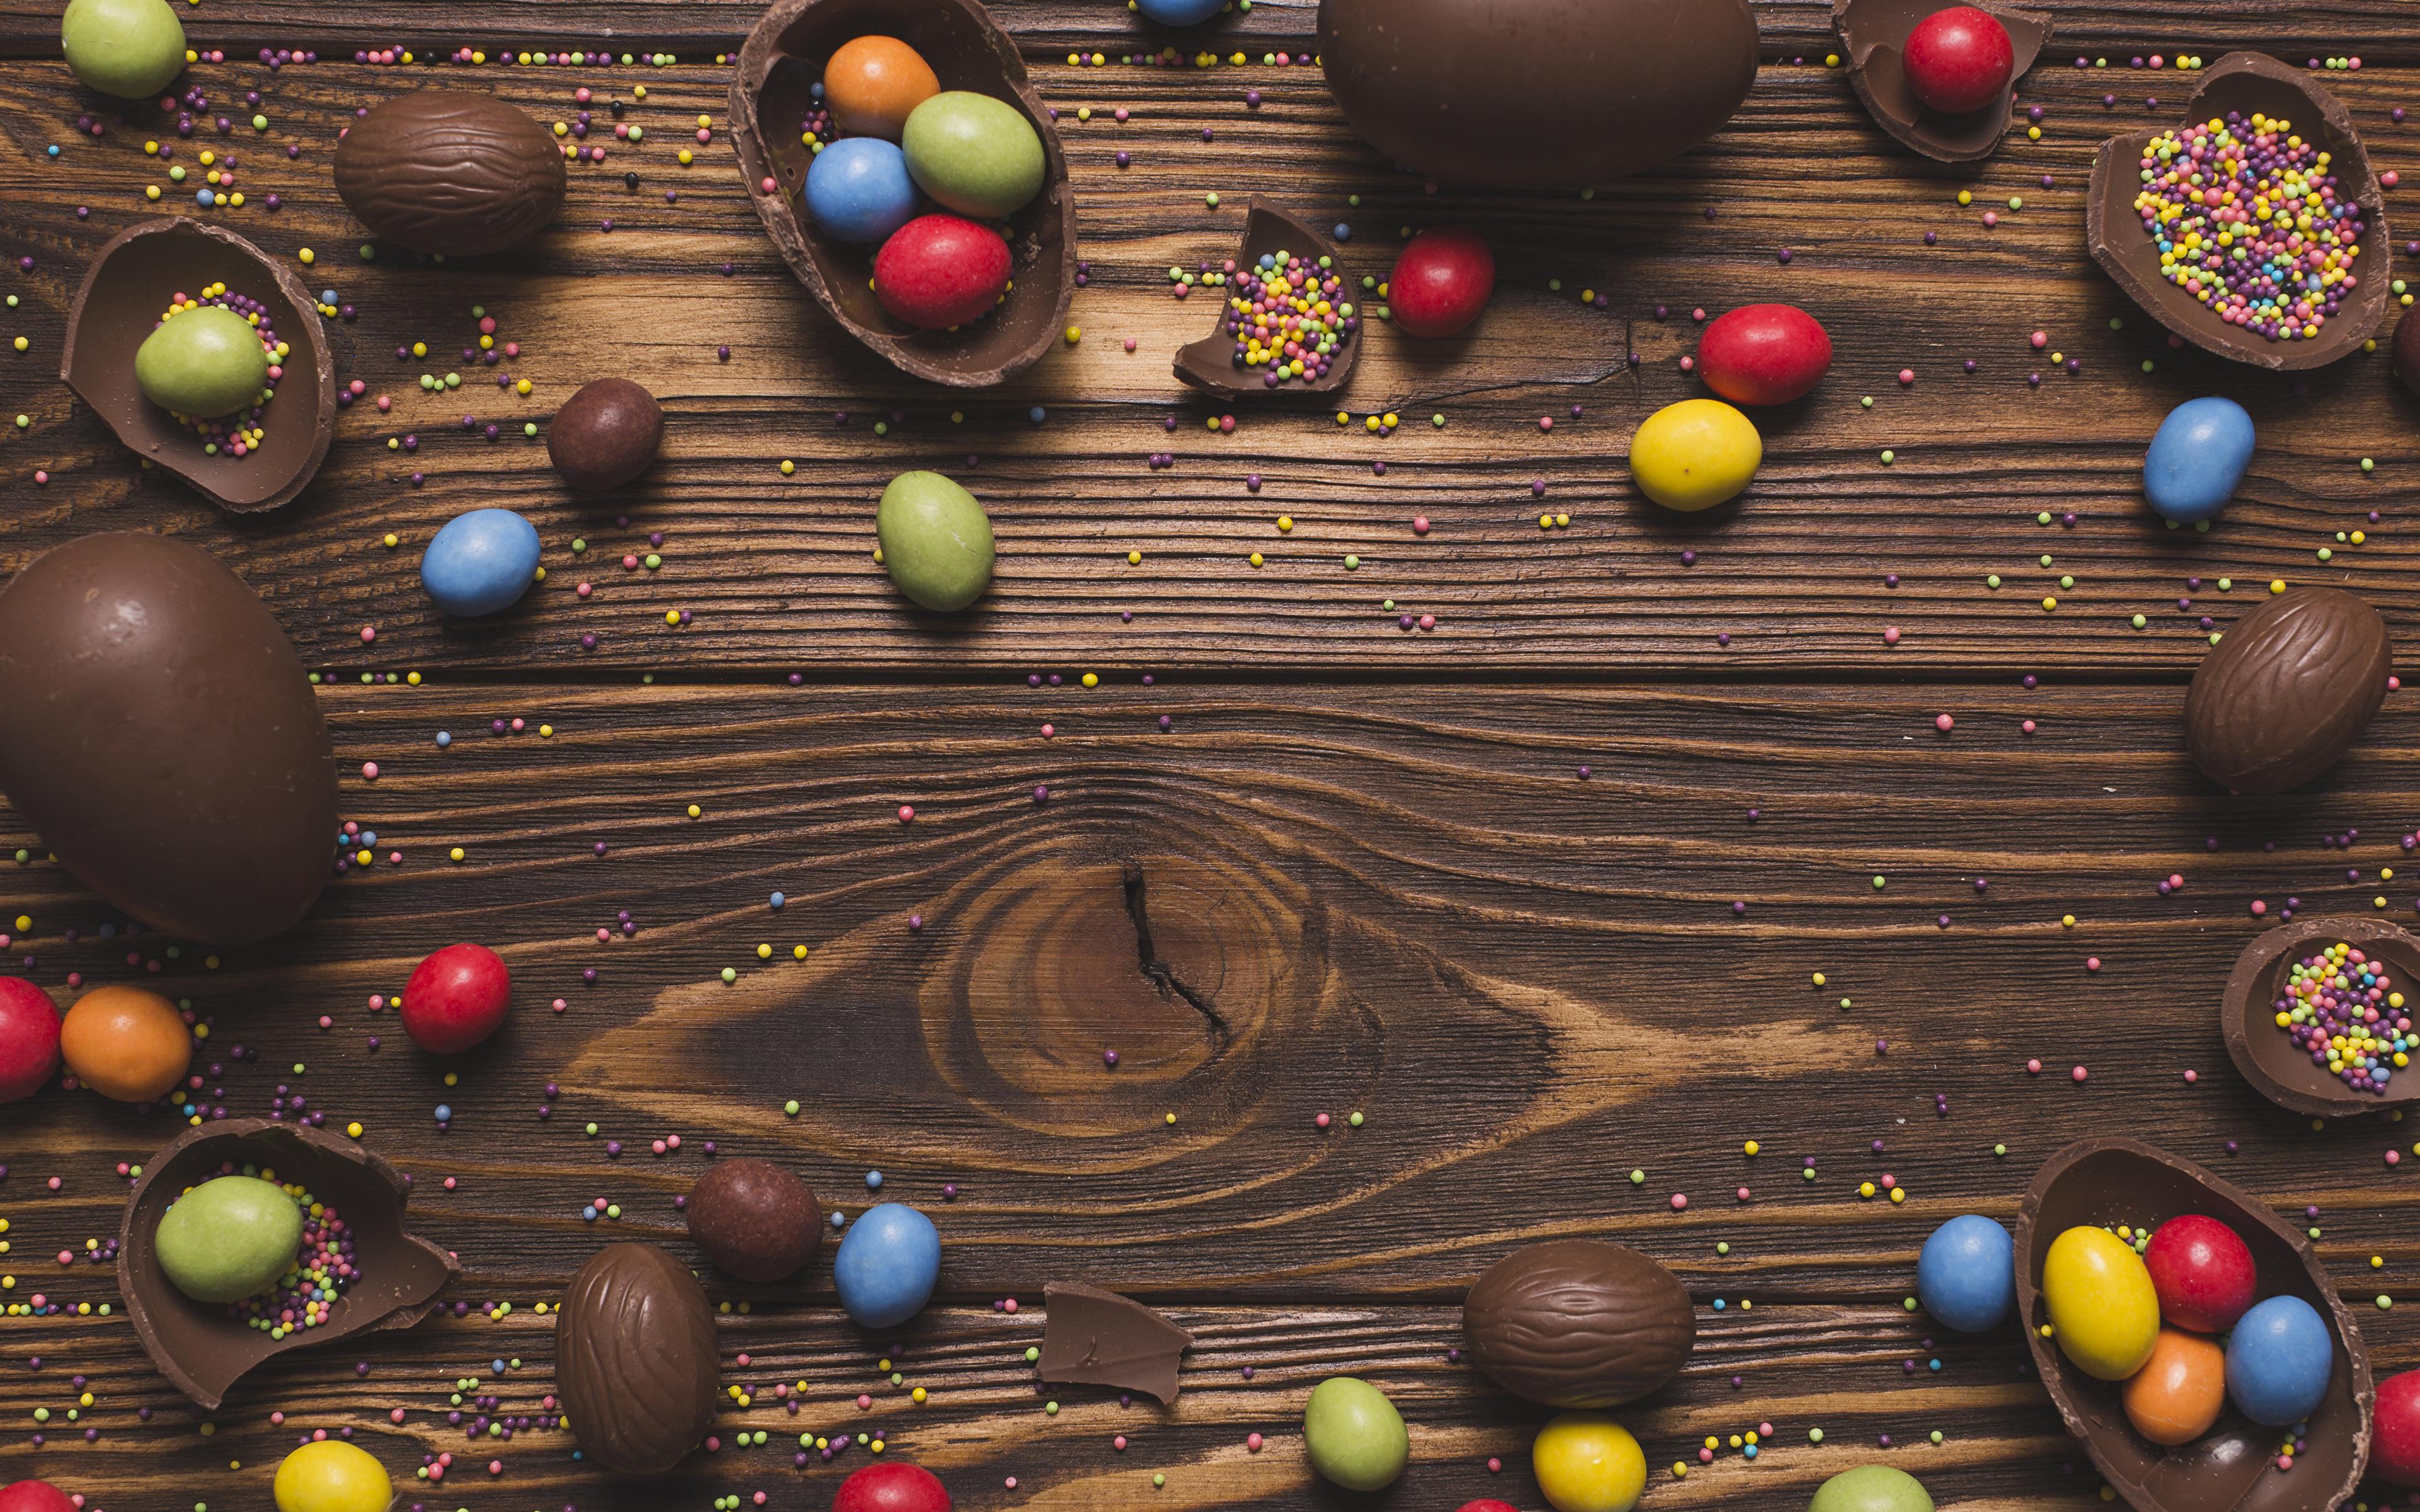 Фотографии Пасха Яйца Шоколад Конфеты Еда Сладости Доски 3840x2400 Пища Продукты питания